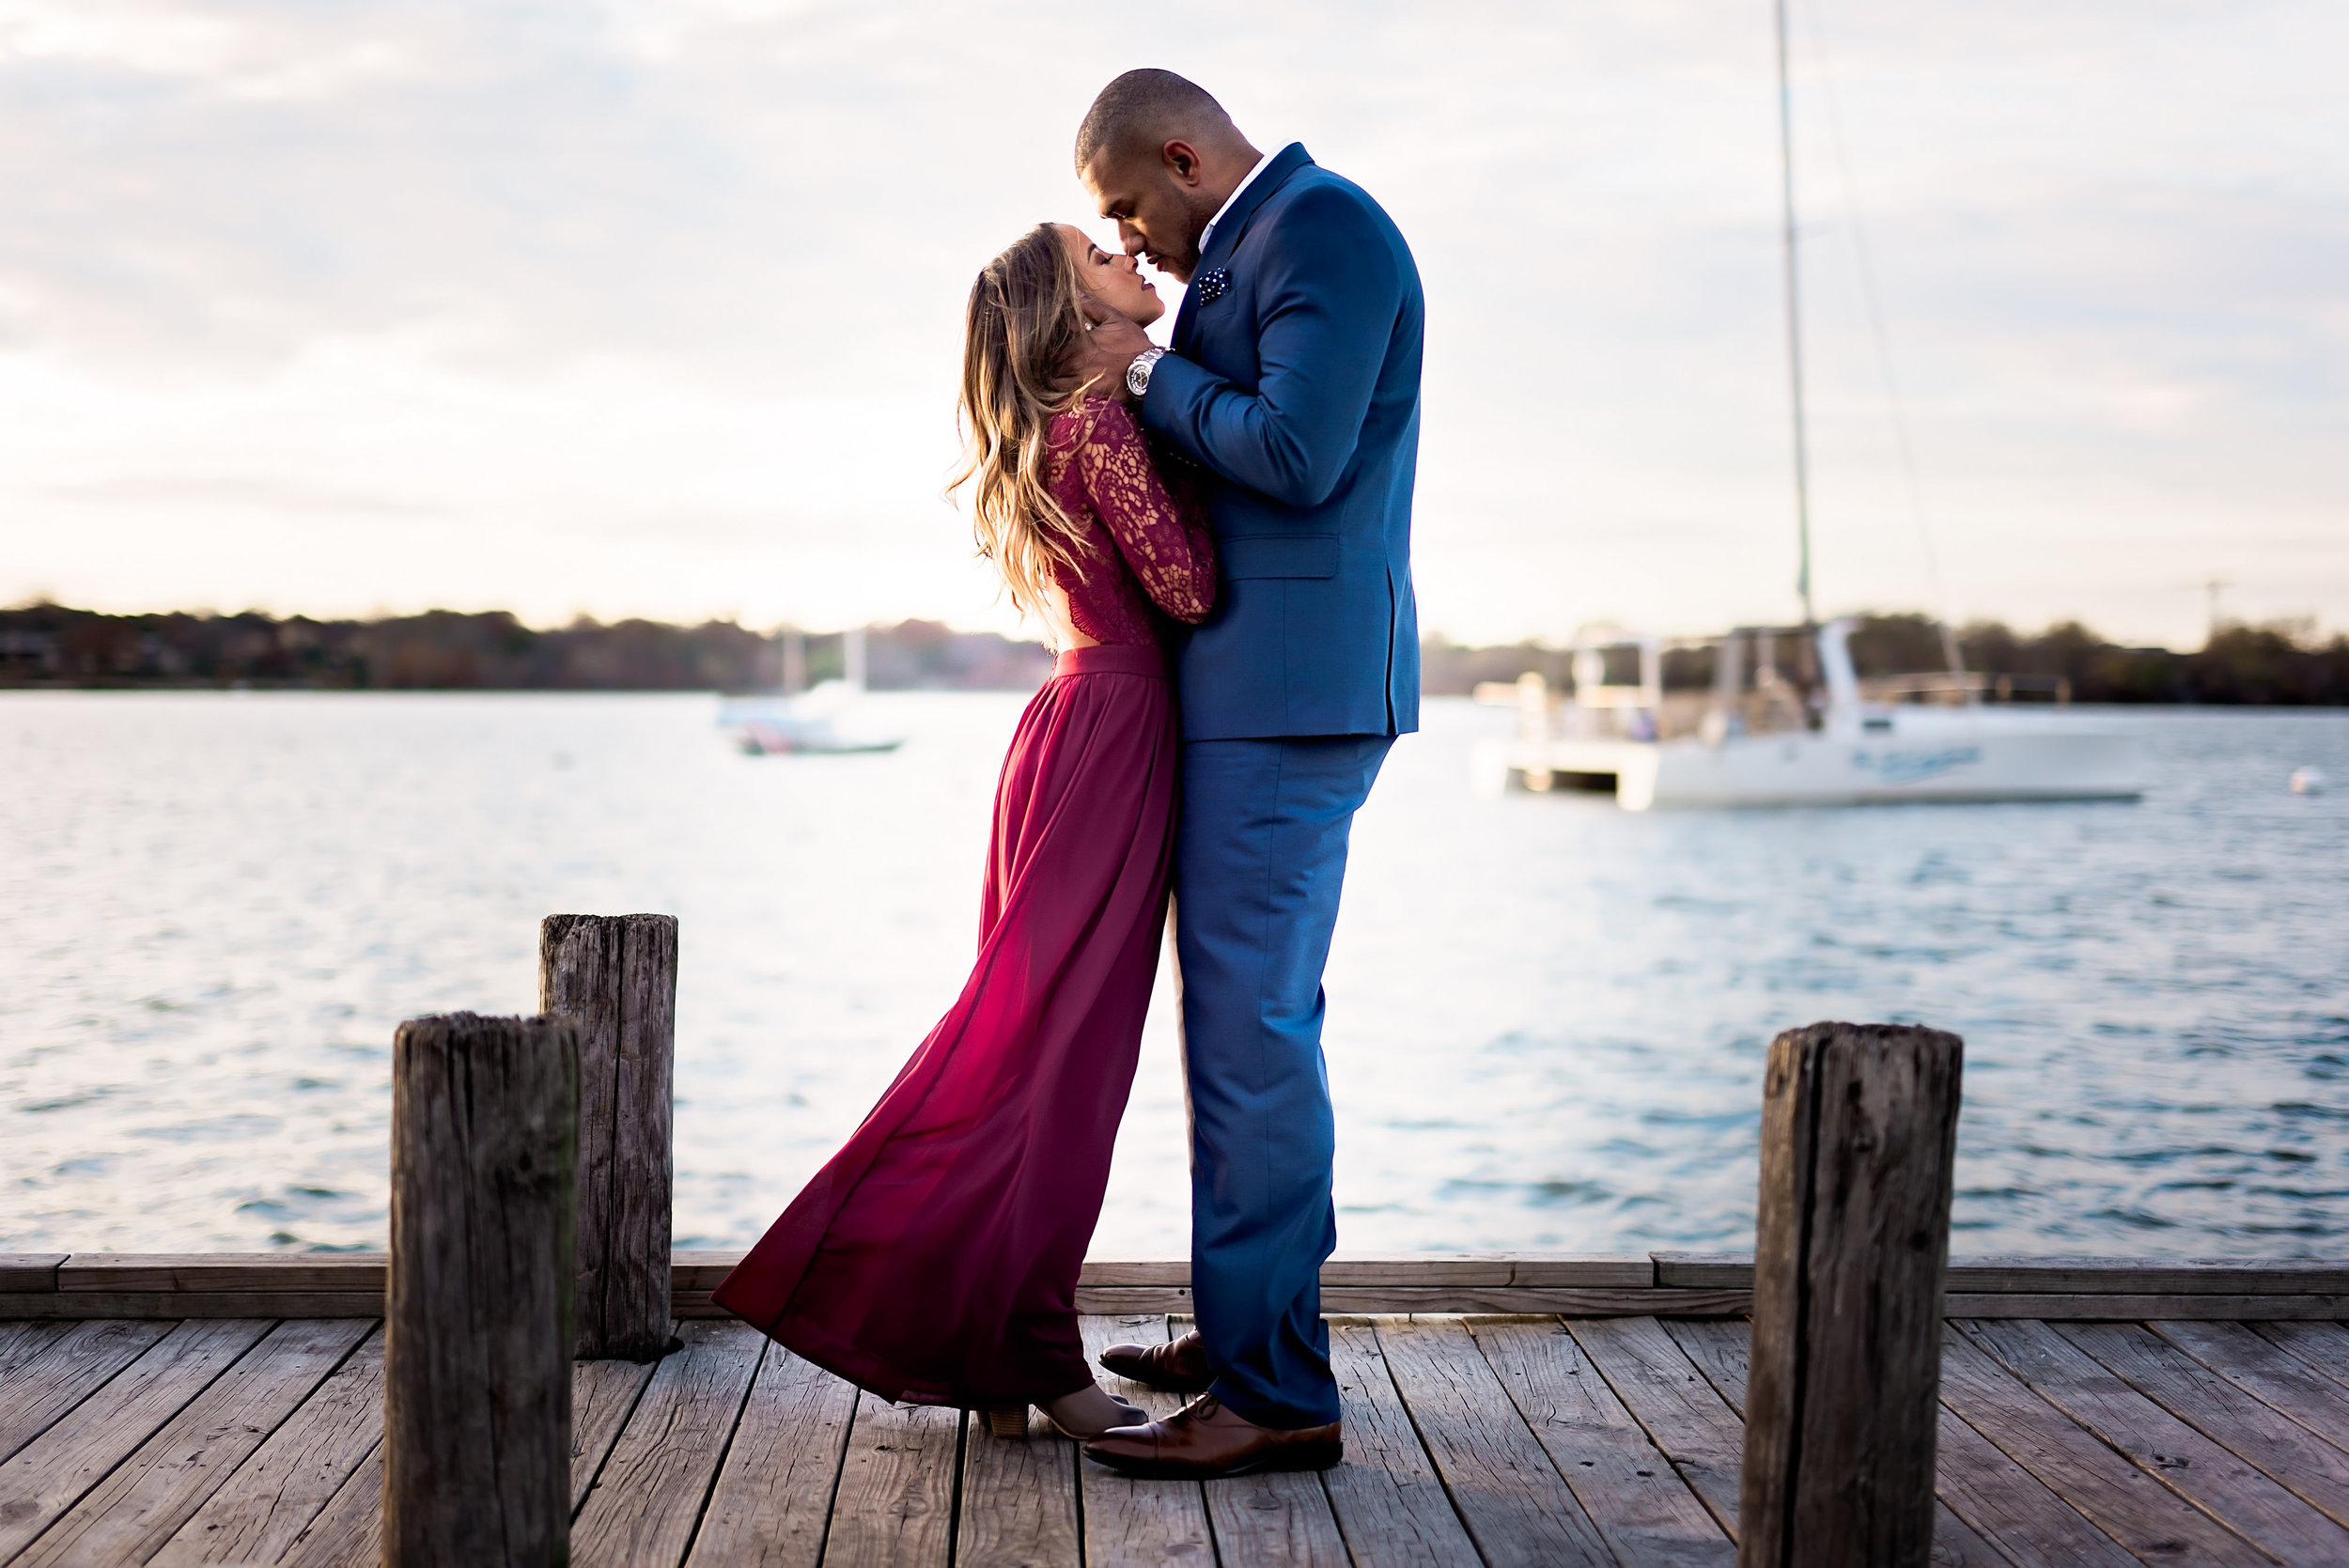 Texas Engagement- Engagement Session- Pharris Photography- Wedding Photography- Noelle and Sullivan- Lake Engagement